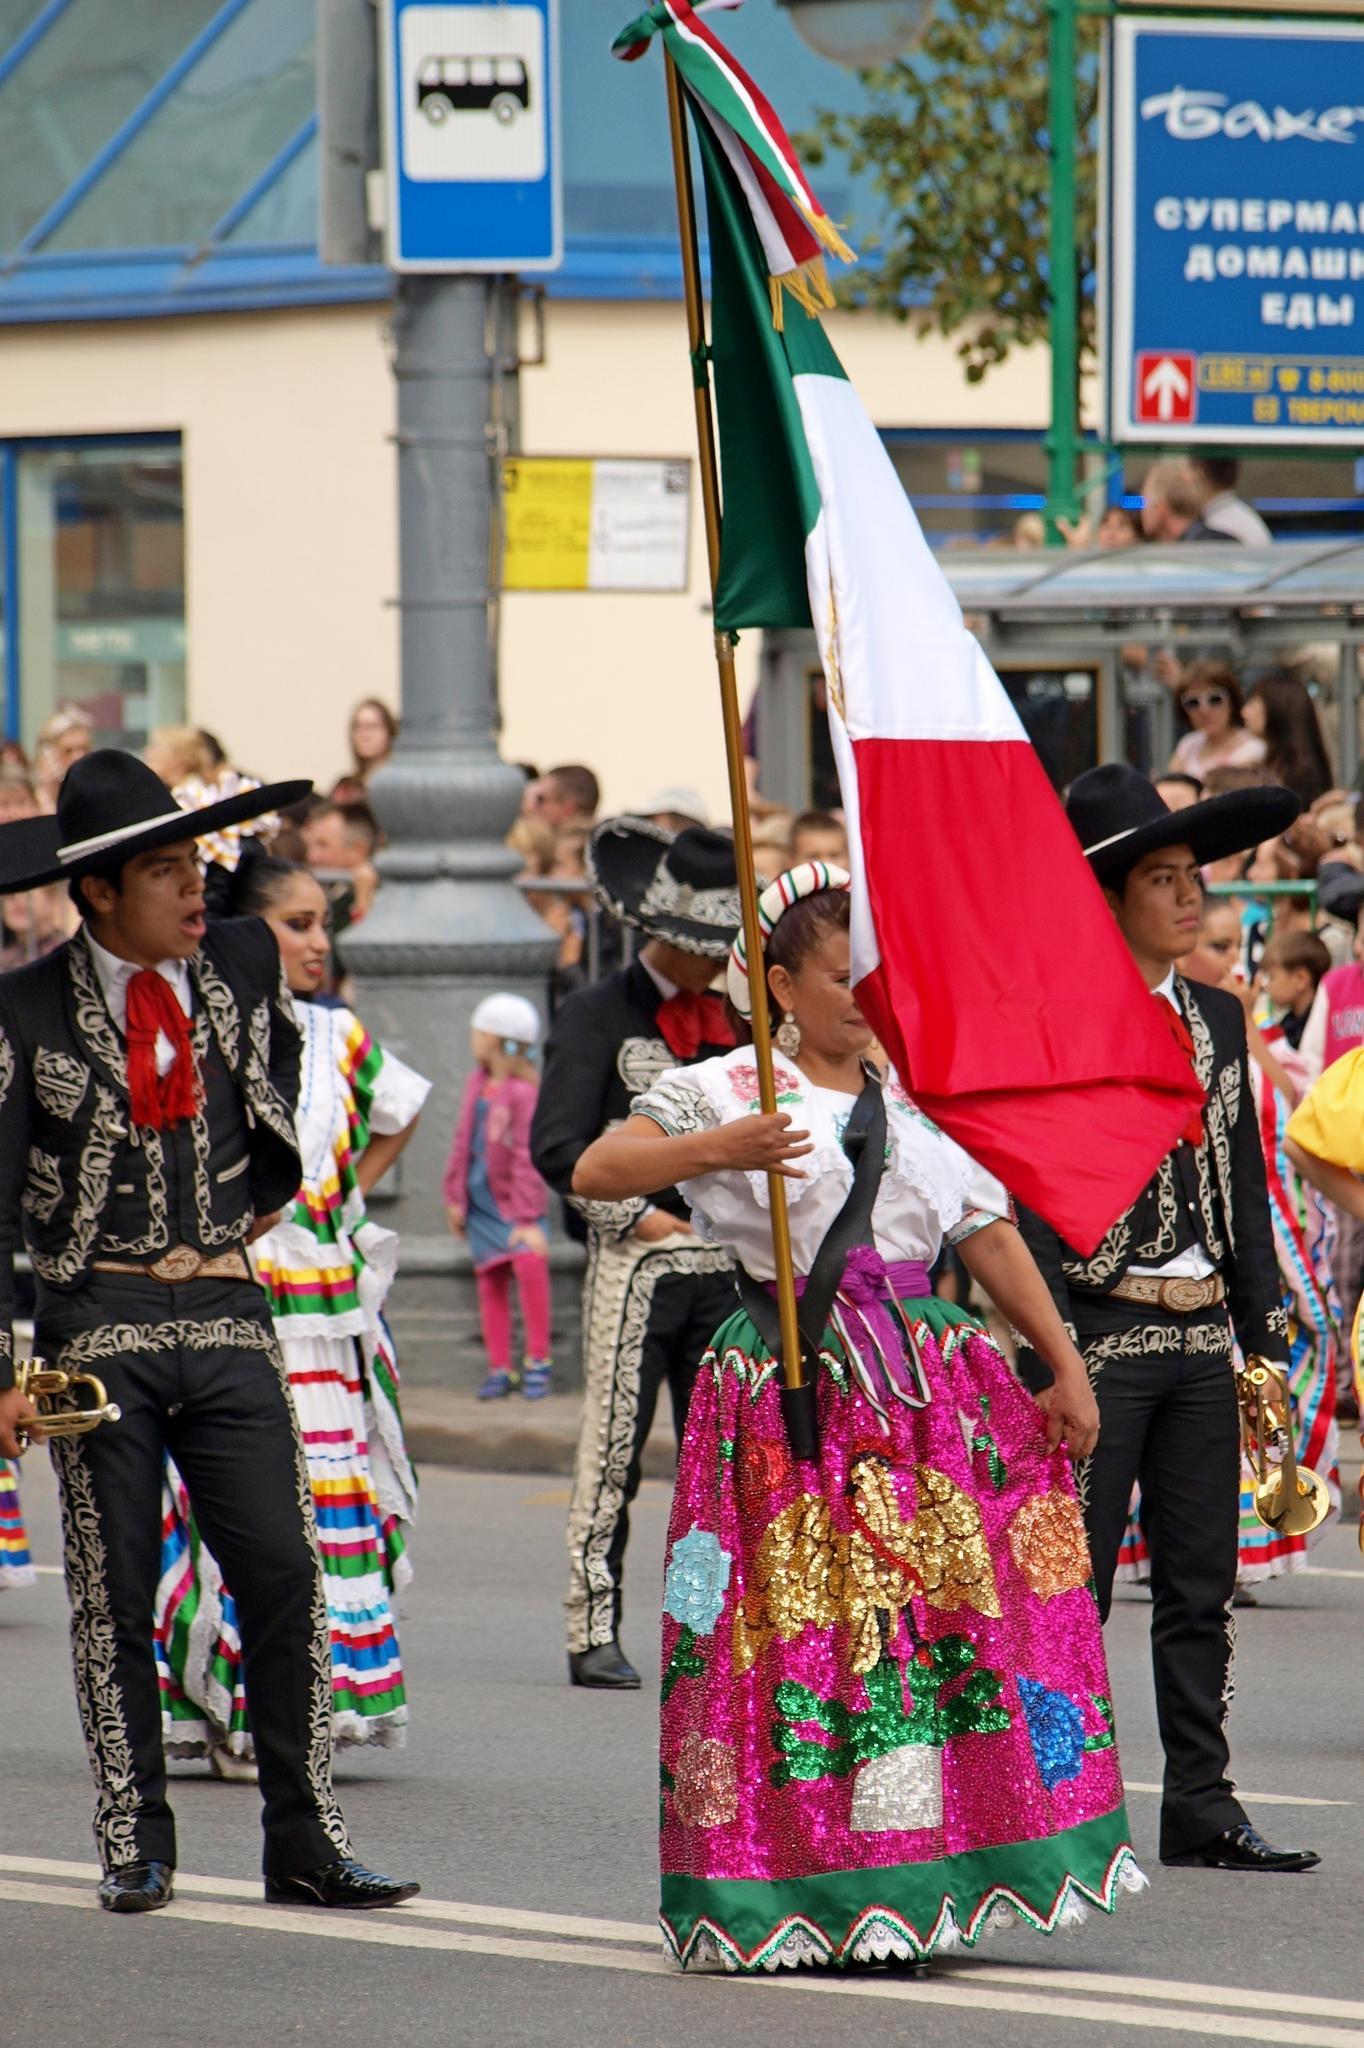 Мексиканские музыканты. Фотография Малец Михаила Георгиевича